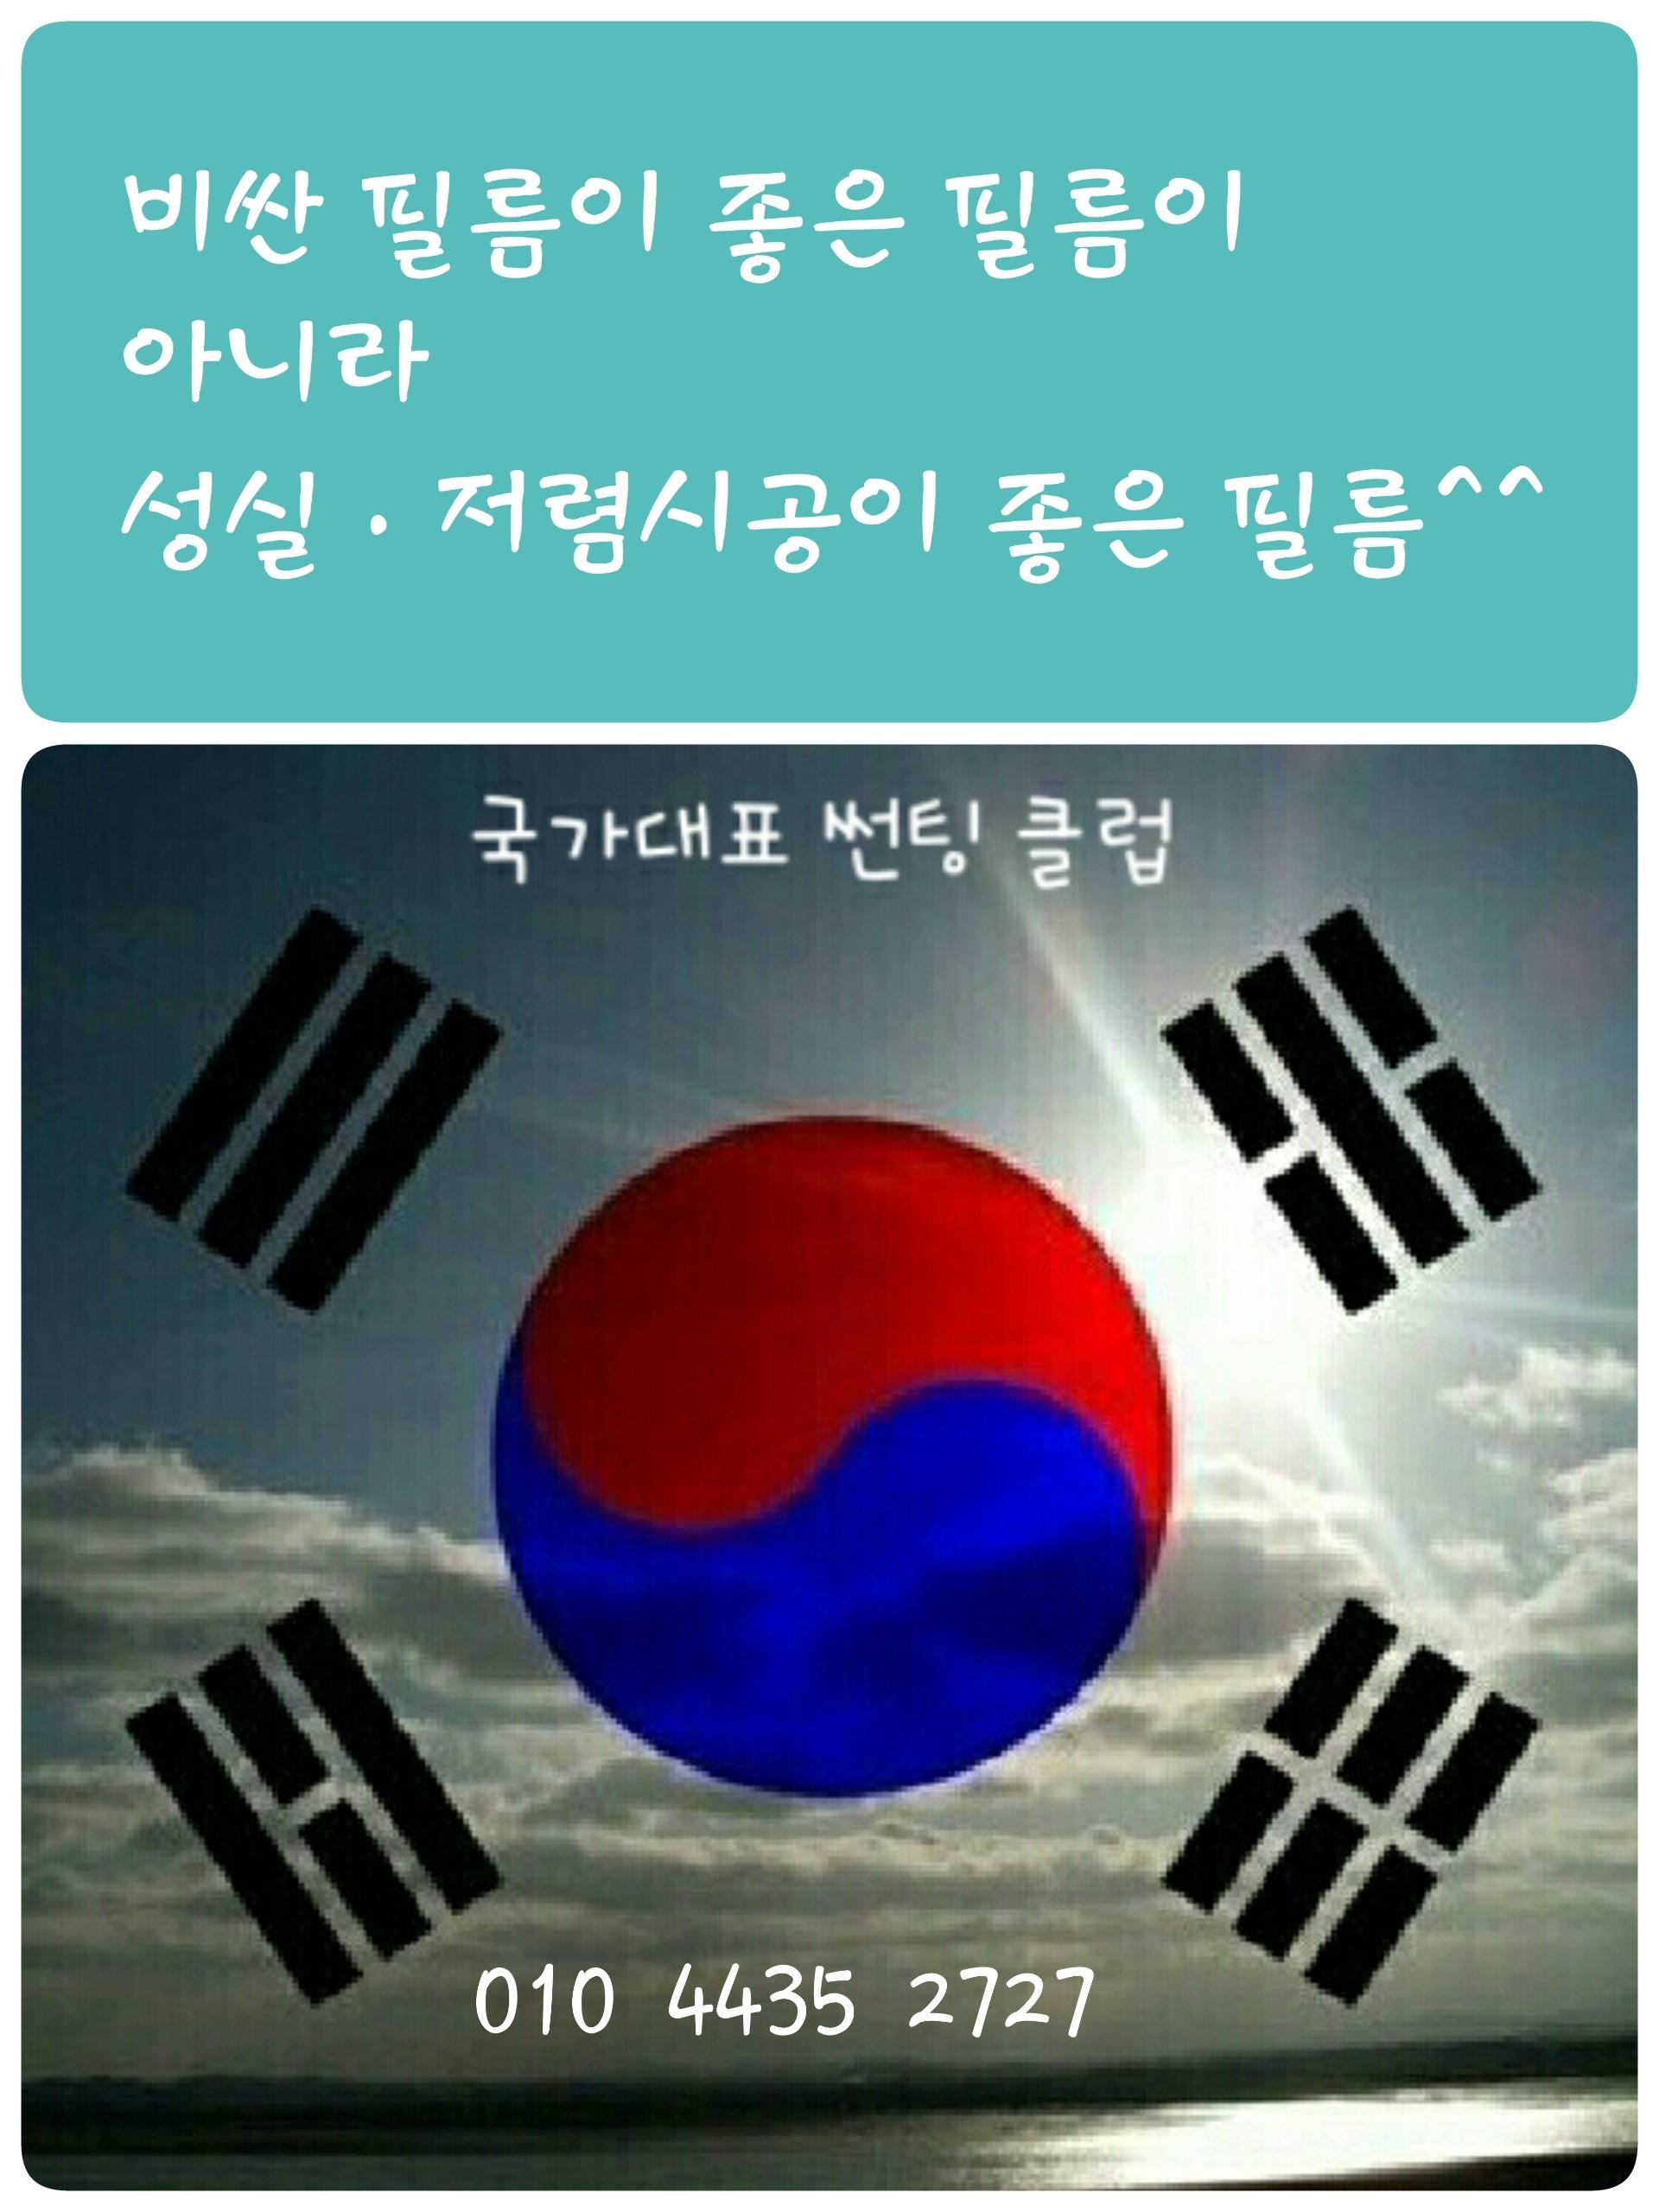 ifni****님의 프로필 이미지